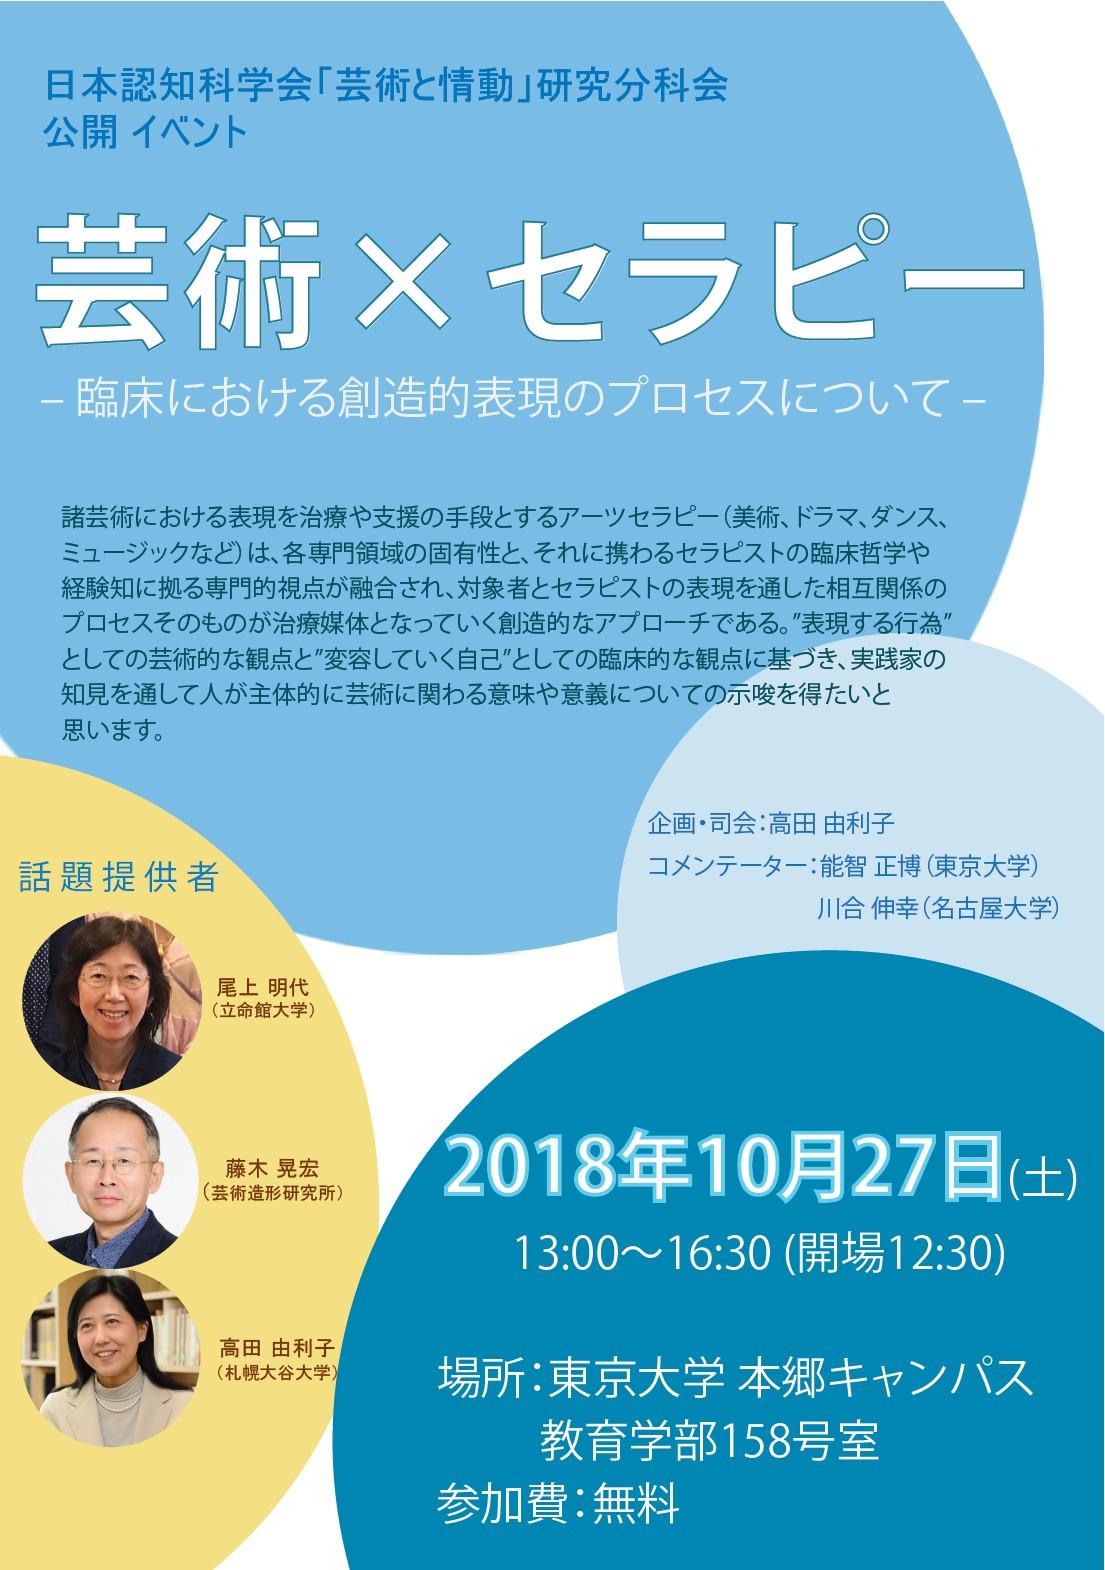 日本認知科学会「芸術と情動」研究分科会/音楽学科